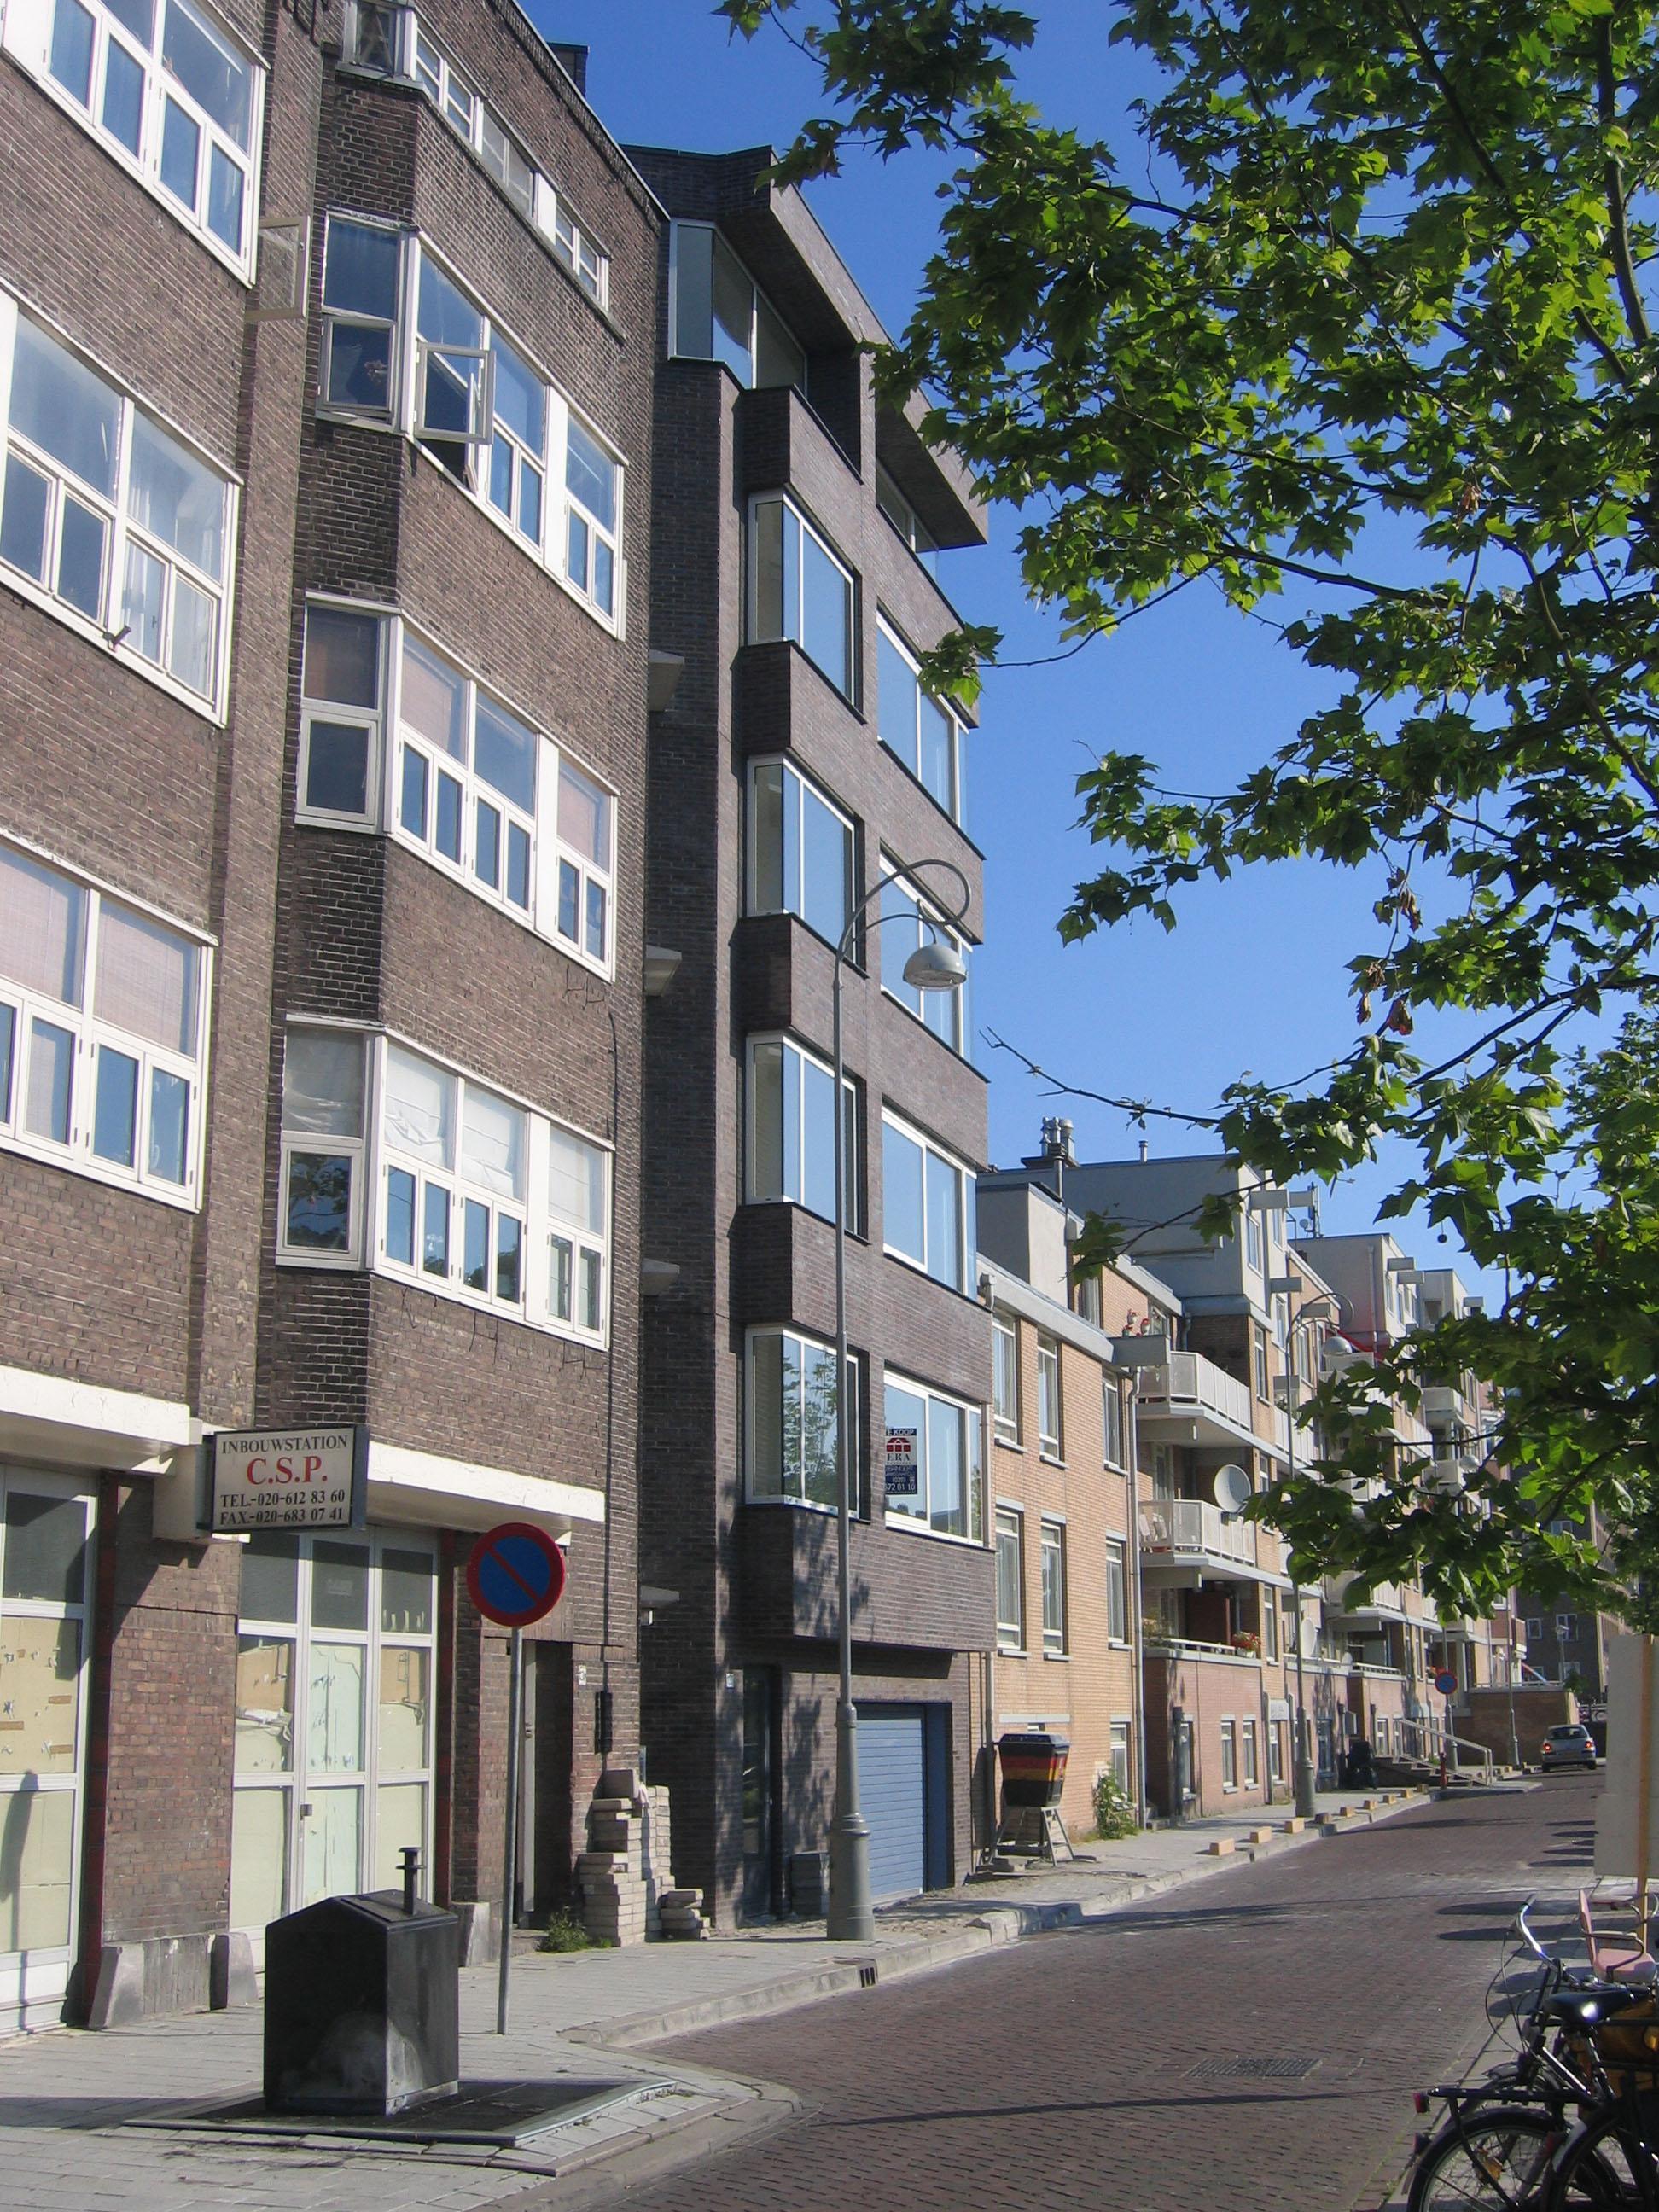 0201-baarsjesweg-01.jpg